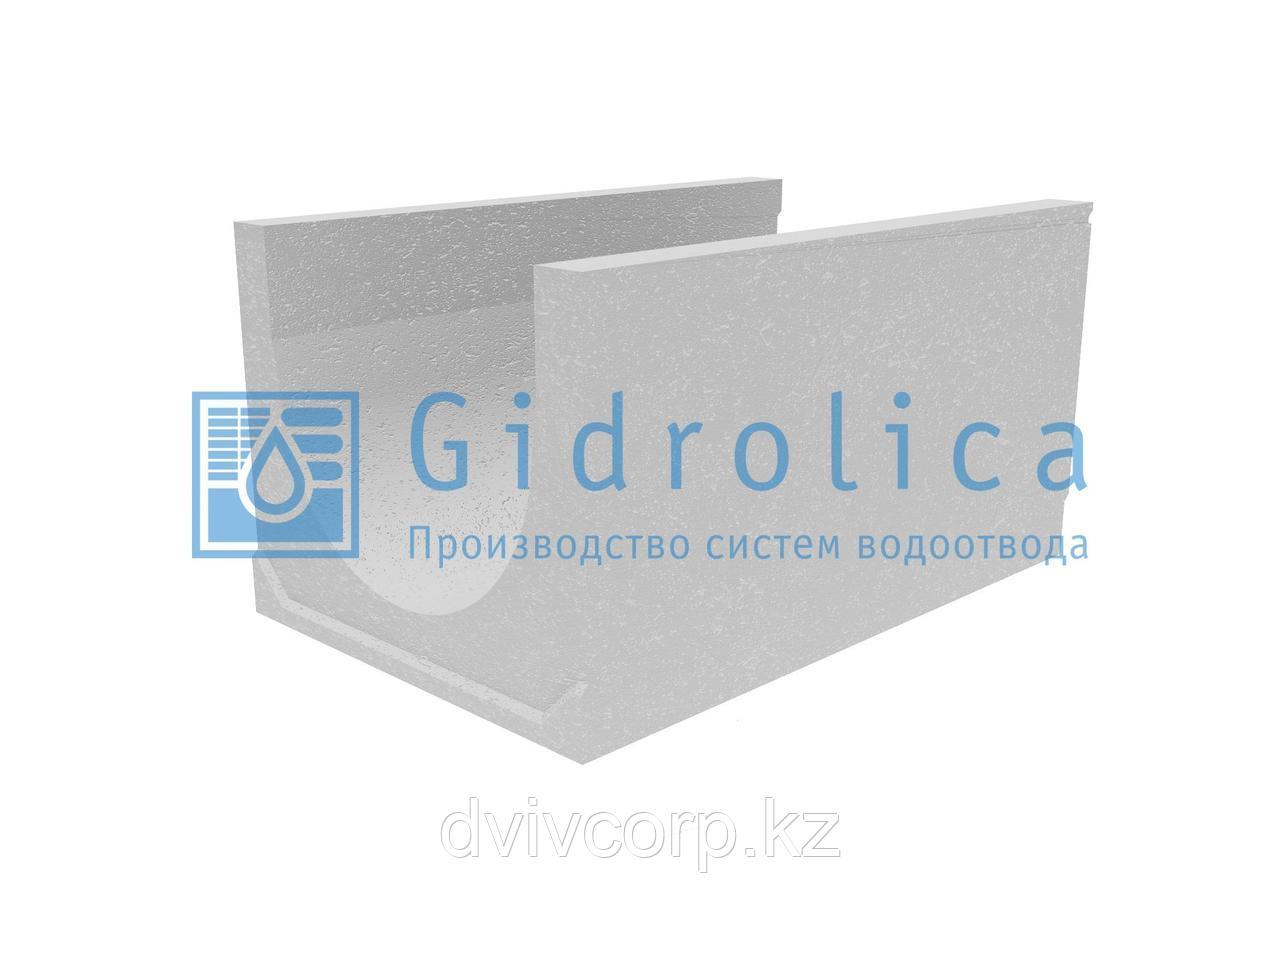 Лоток водоотводный бетонный коробчатый (СО-500мм), с уклоном 0,5%  КUу 100.65(50).54(45) - BGU-XL, № 18